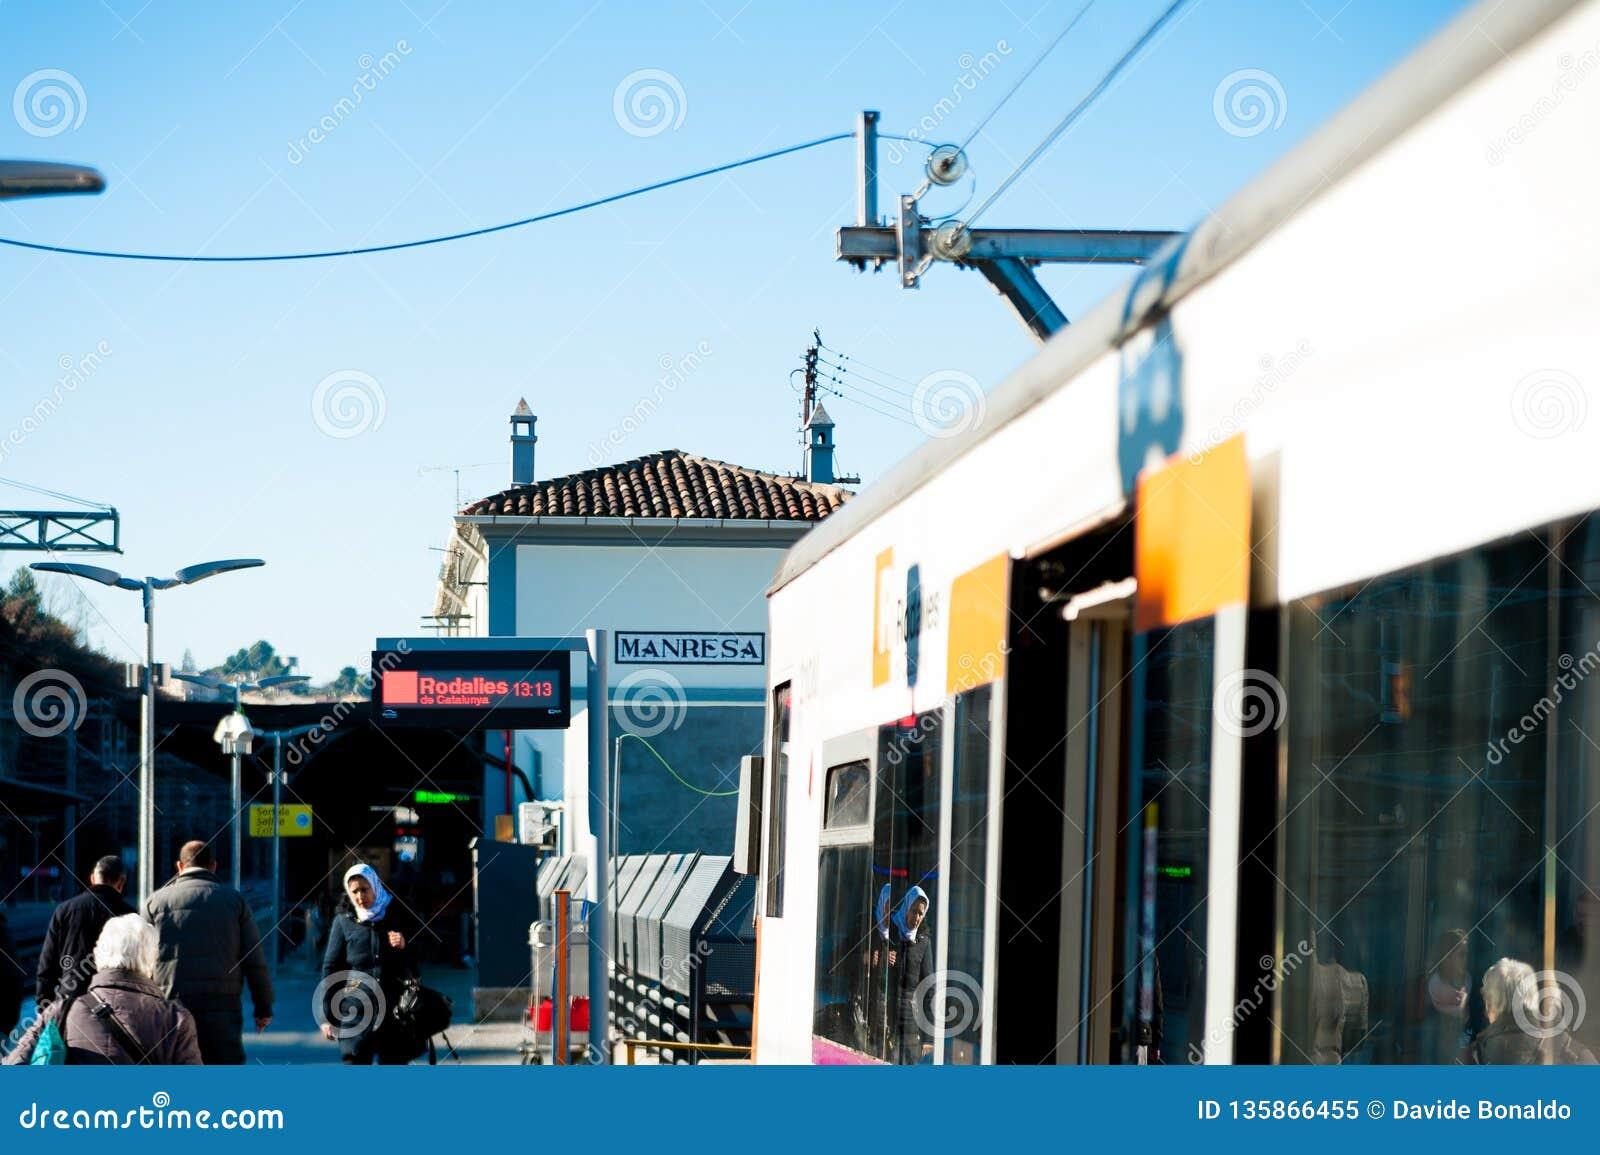 Manresa, Hiszpania - 03 2019 Styczeń: dzielnicowy hiszpański pociąg przyjeżdża w małej stacji kolejowej miasteczko z ludźmi podcz